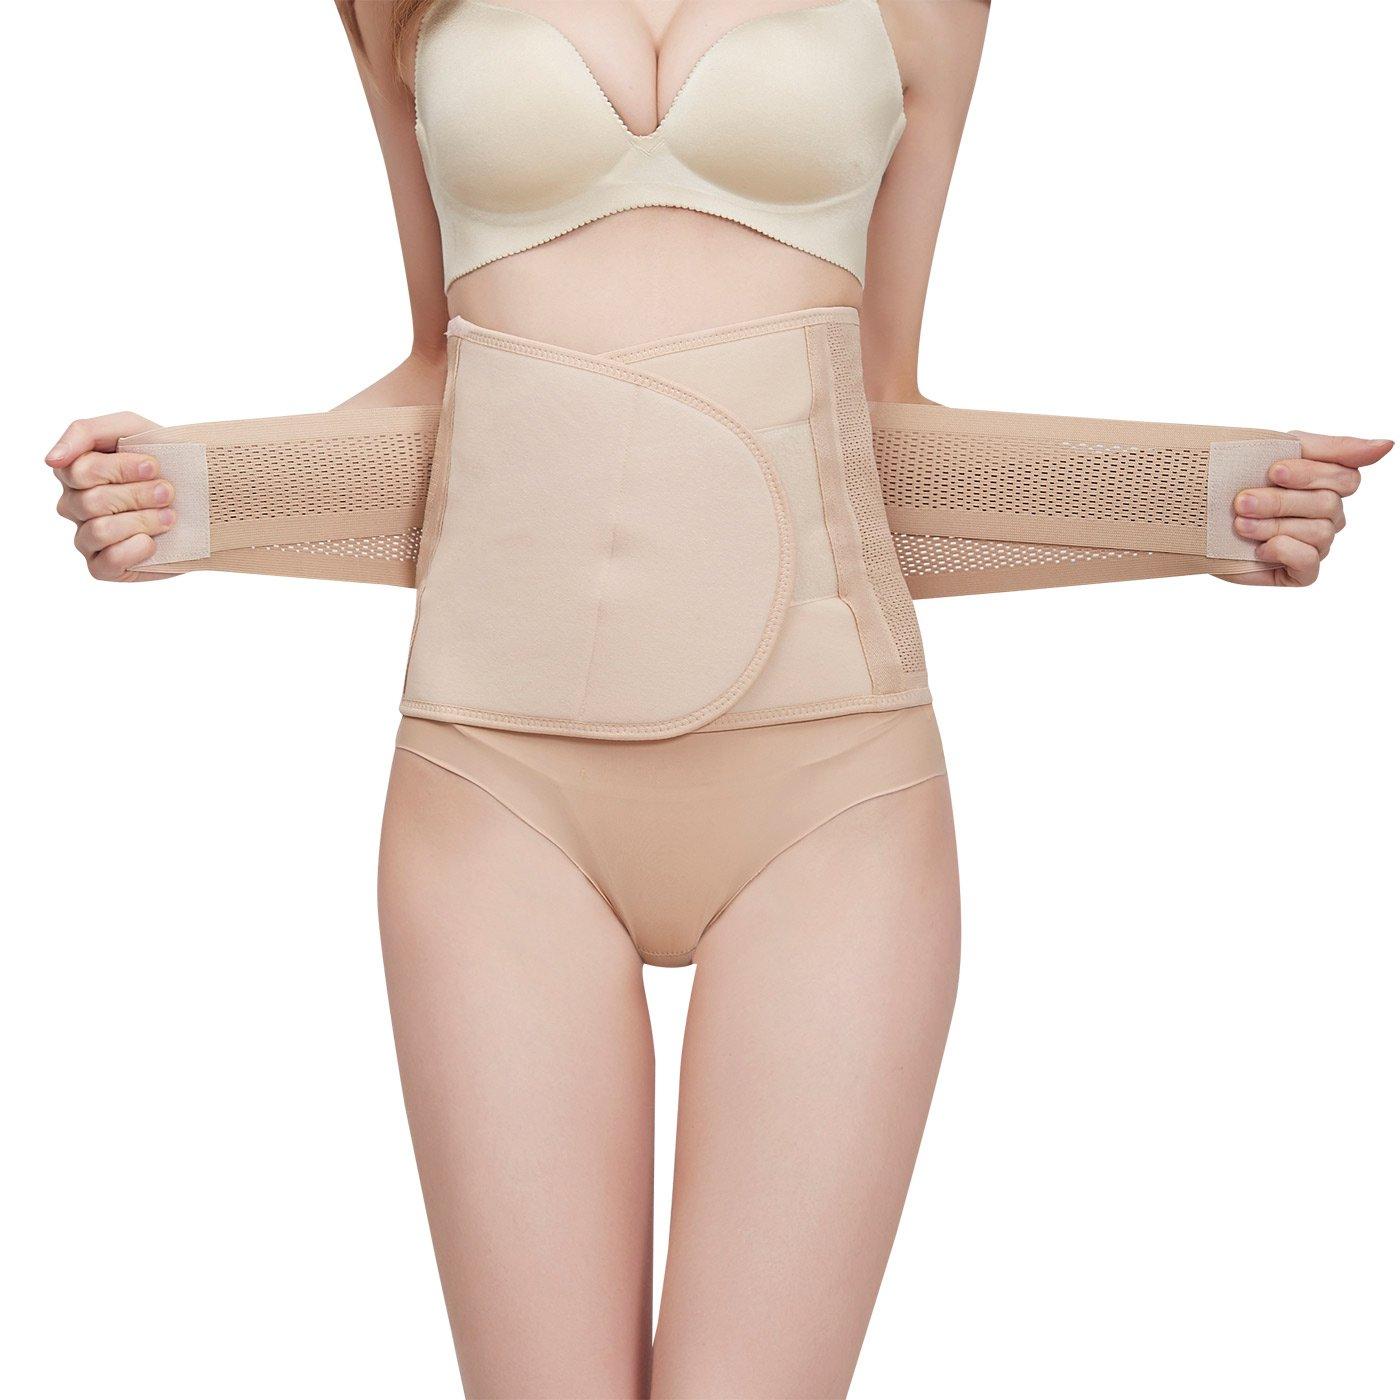 FEOYA Postpartum Support Belt Original Belly Recovery Wrap Waist Trainer Pelvis Body Shapewear Belts for Women